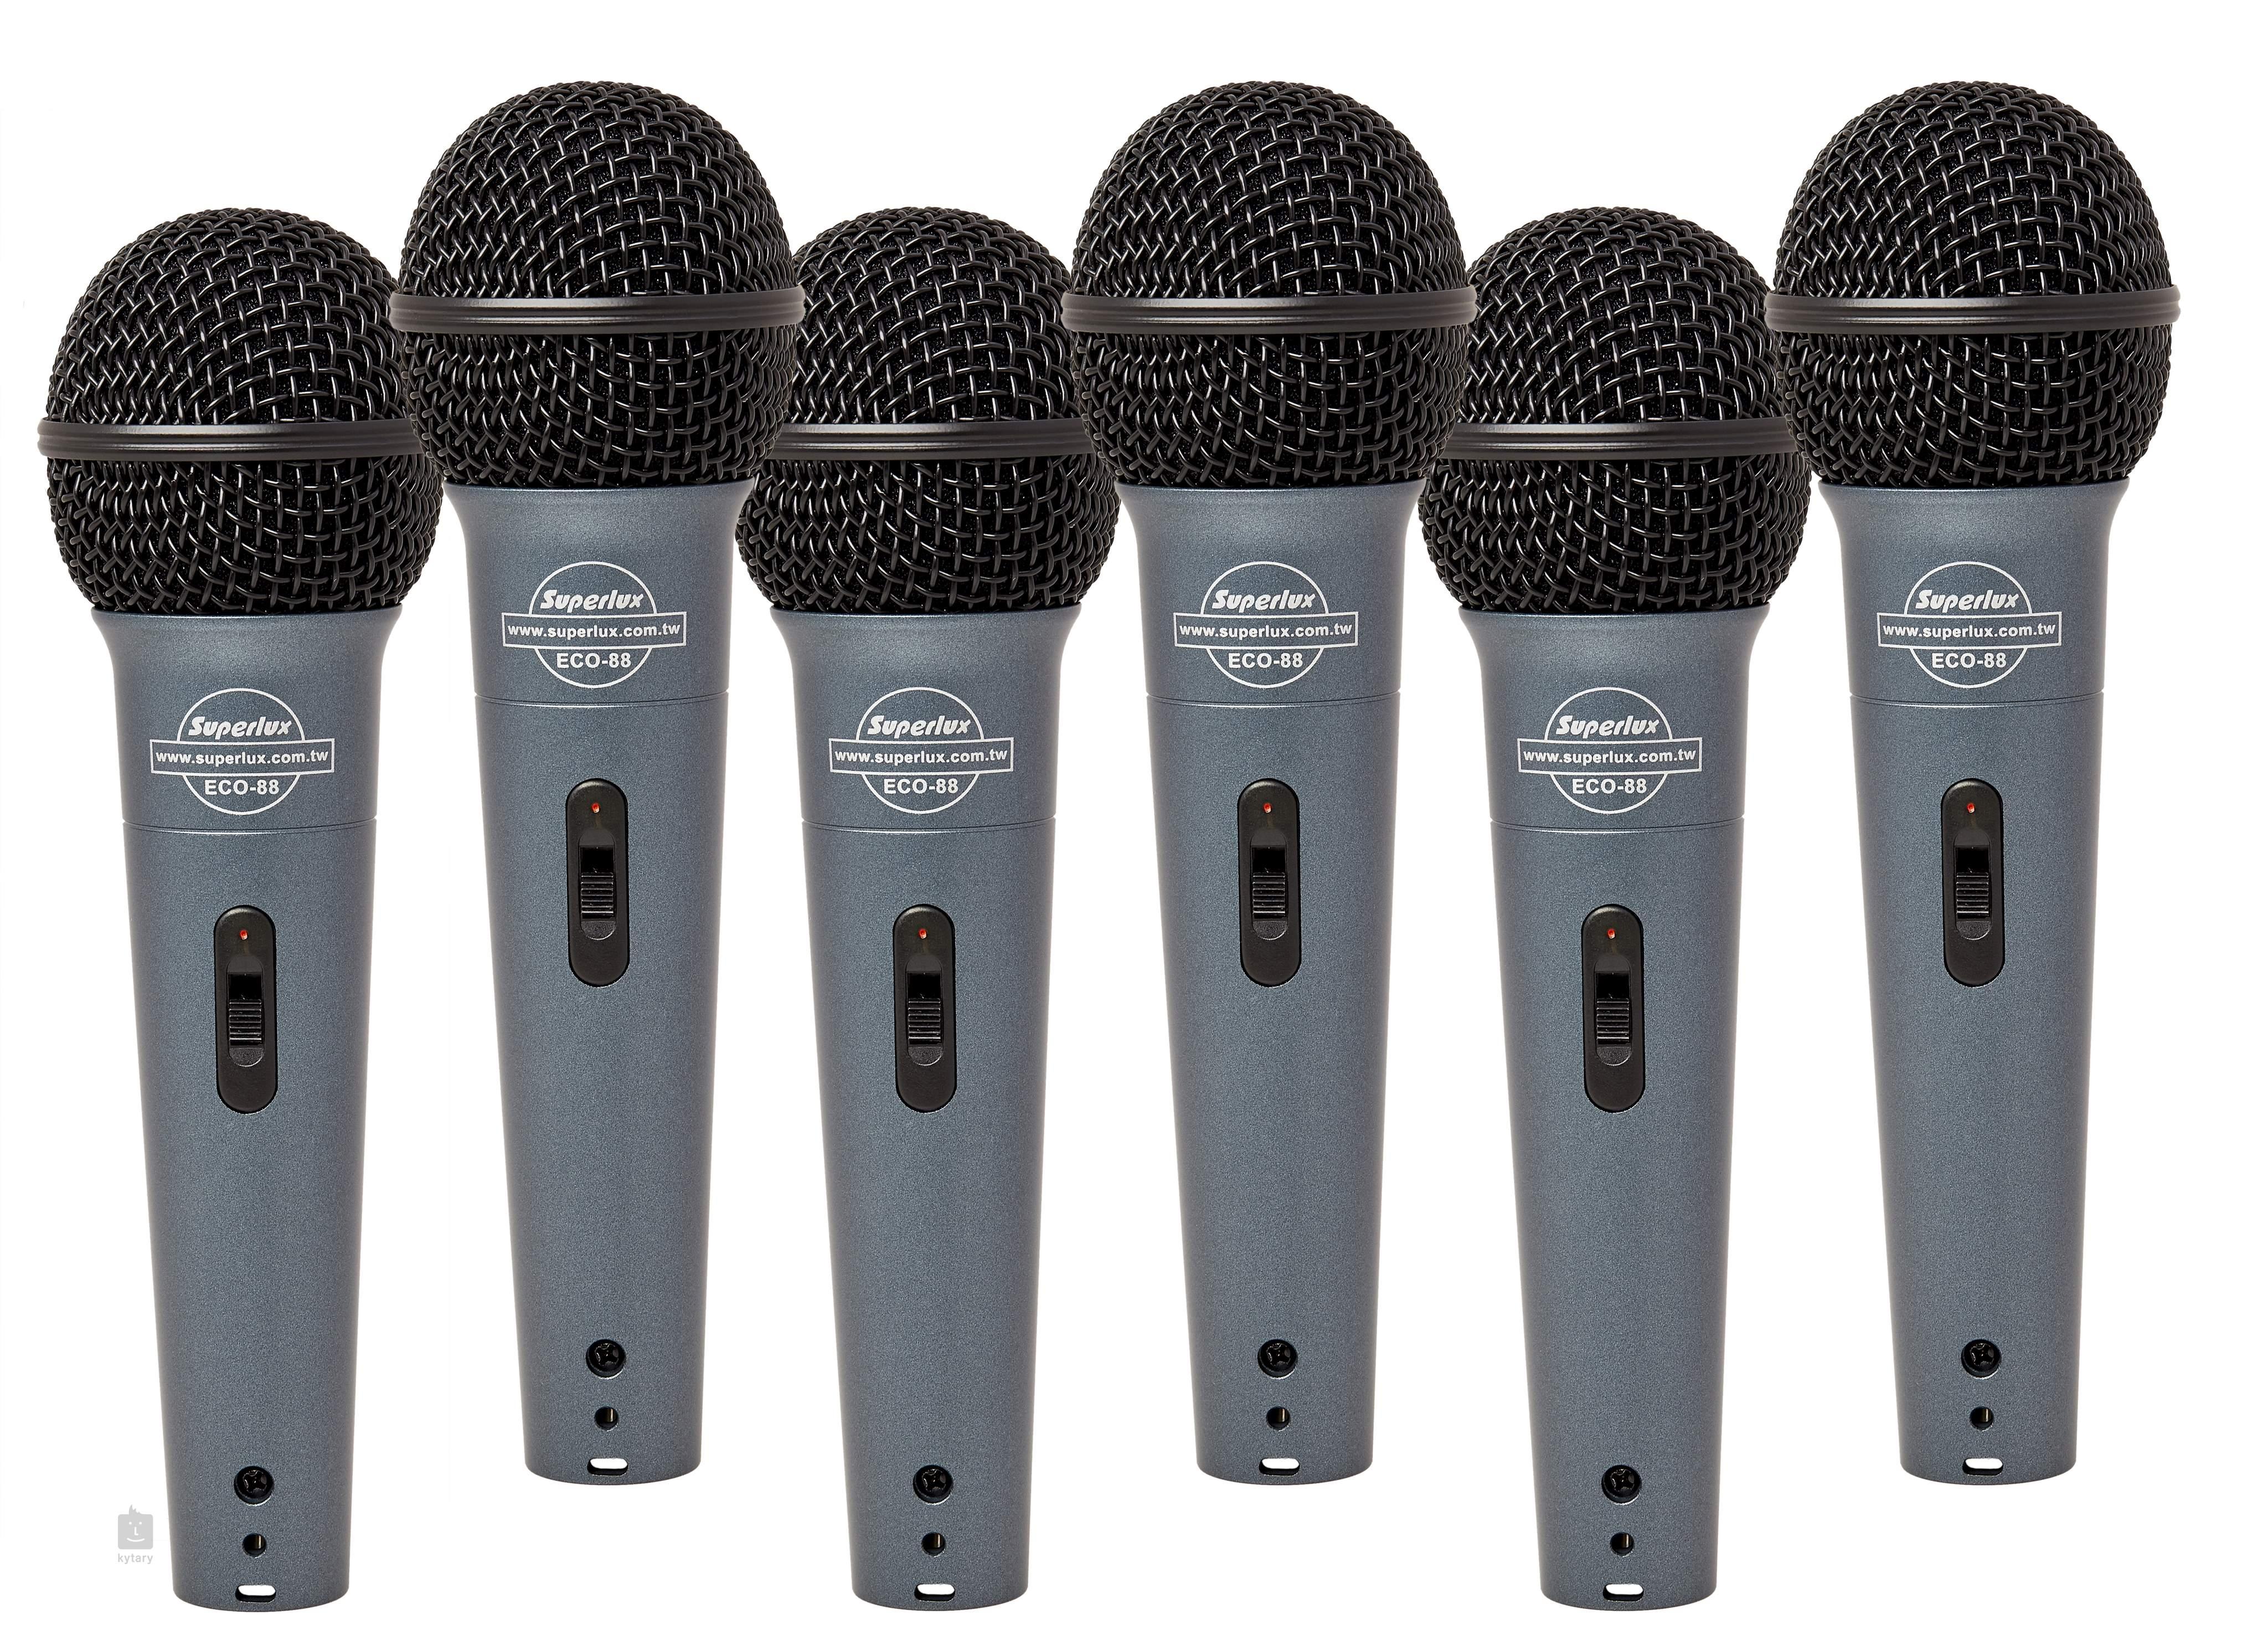 superlux gl 100 microphone set. Black Bedroom Furniture Sets. Home Design Ideas